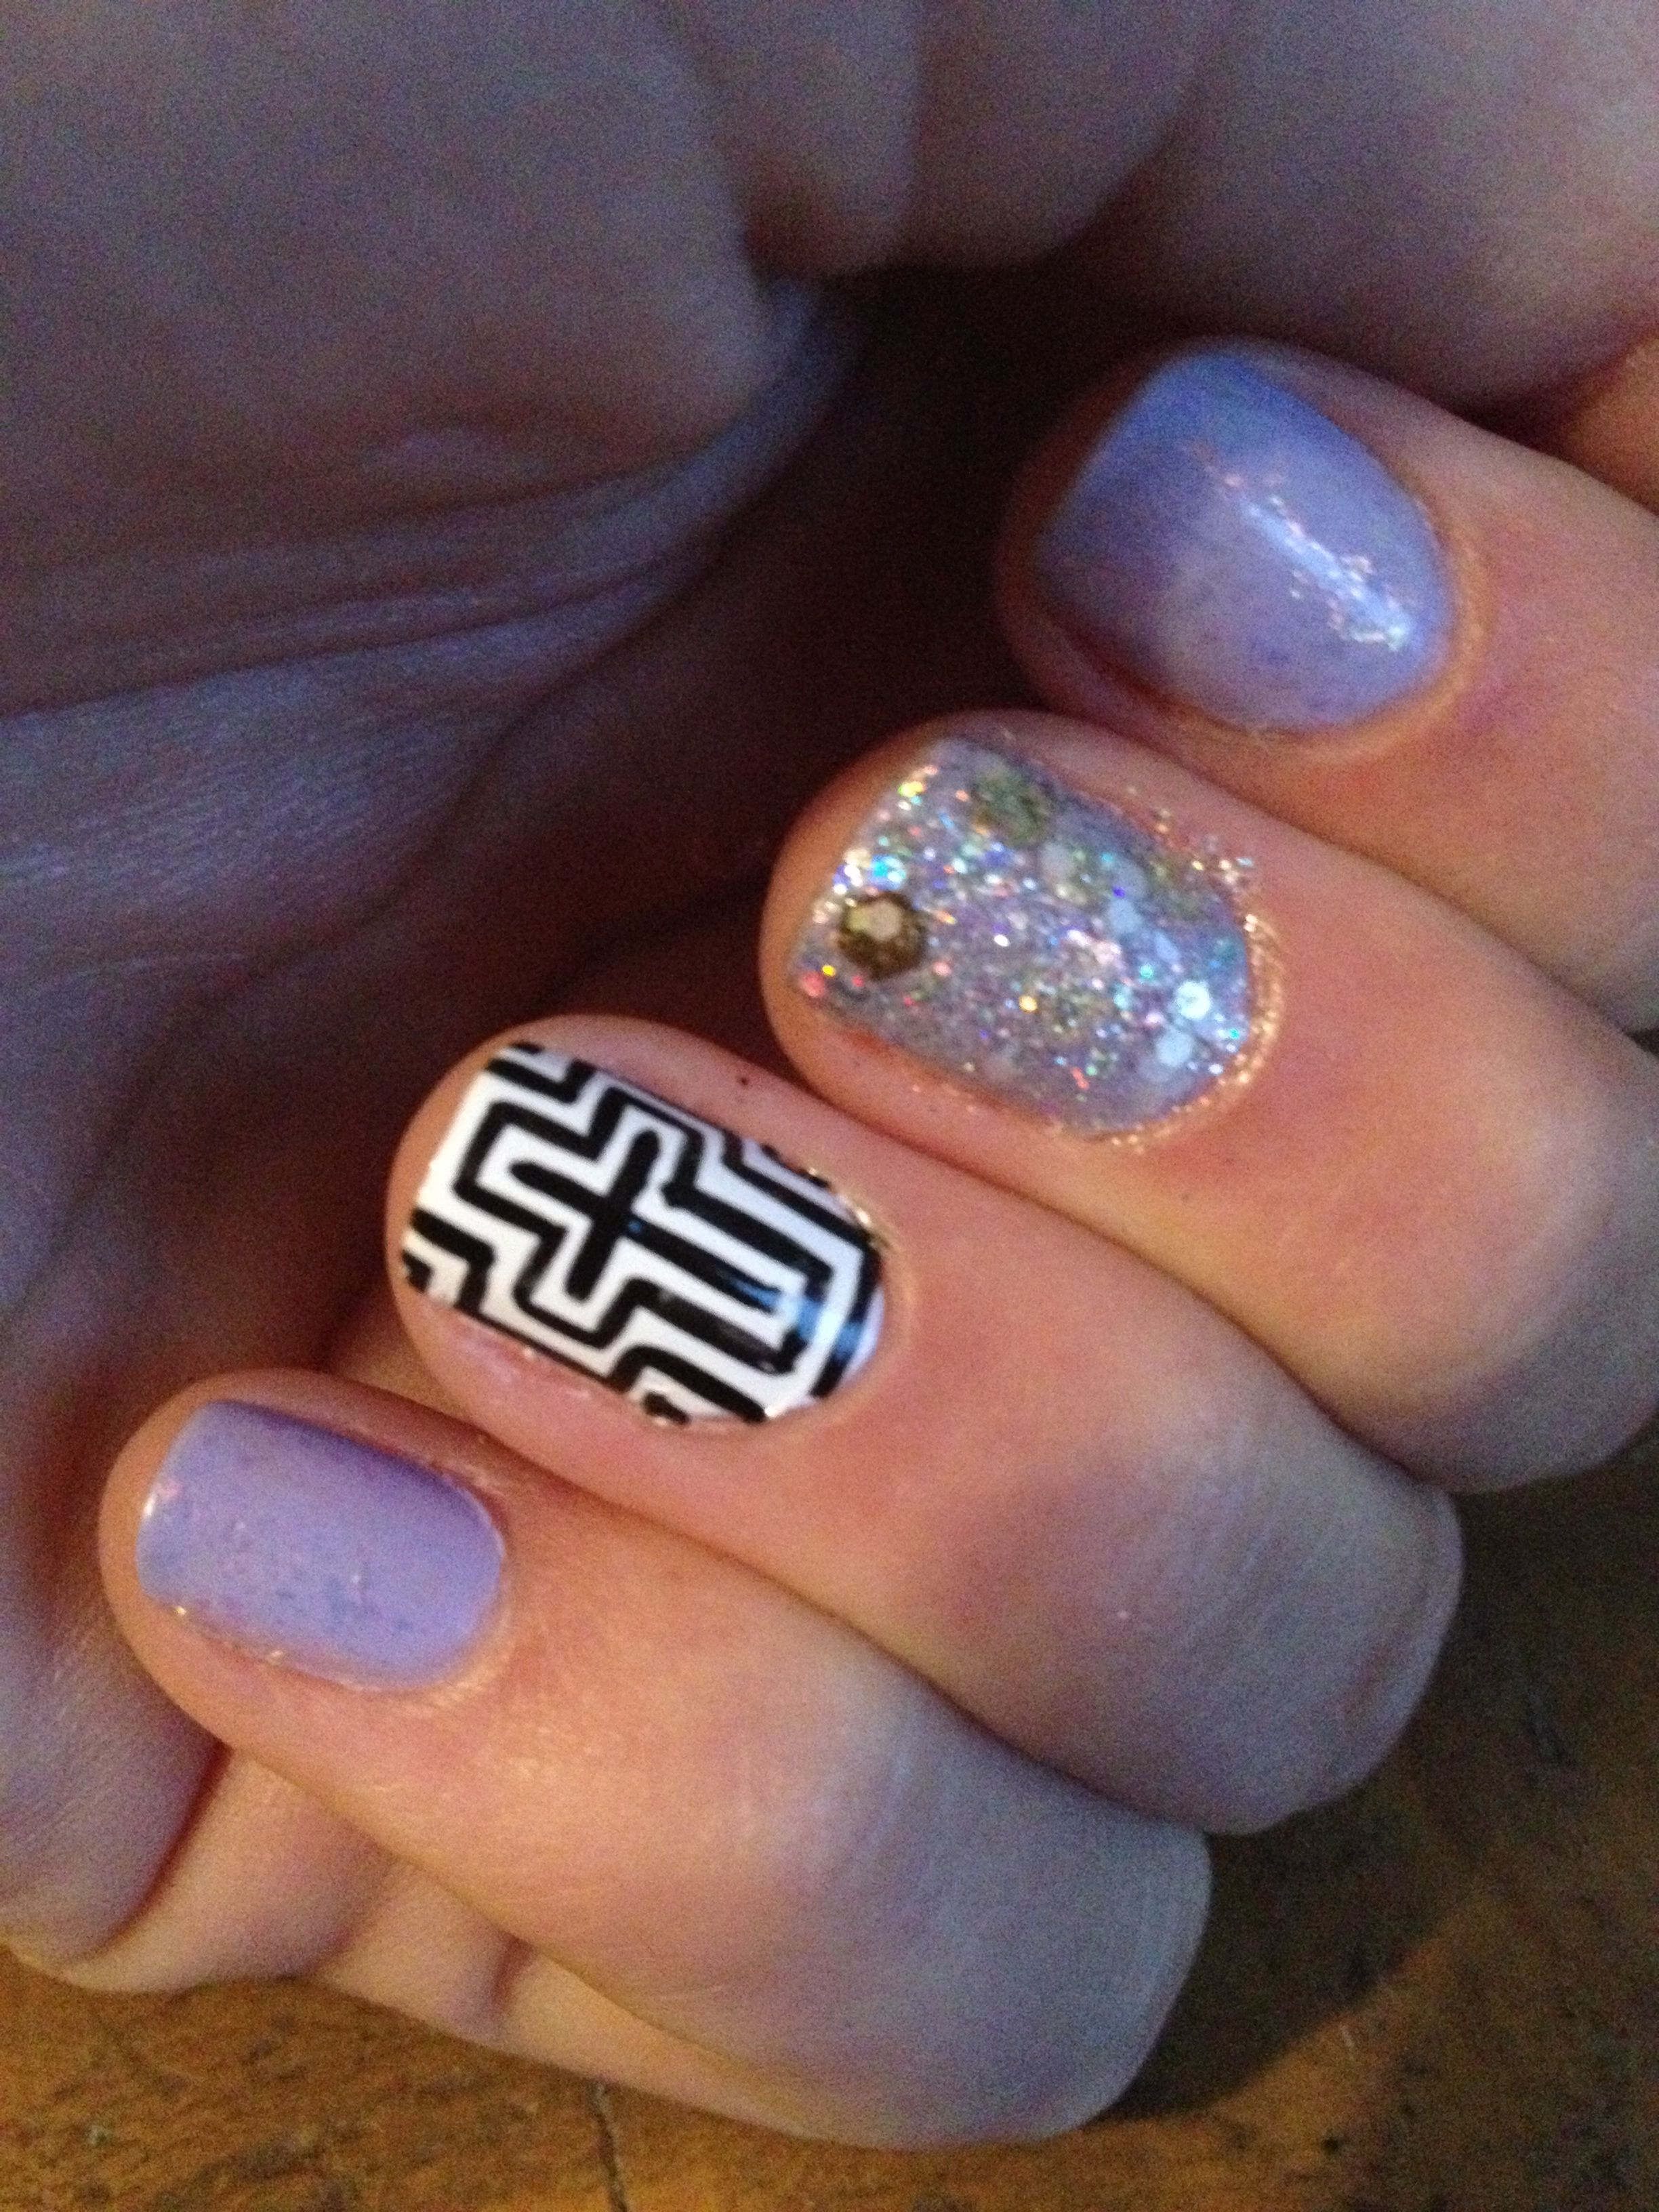 Pretty glitter cross nail design!   Nails   Pinterest   Cross nail ...